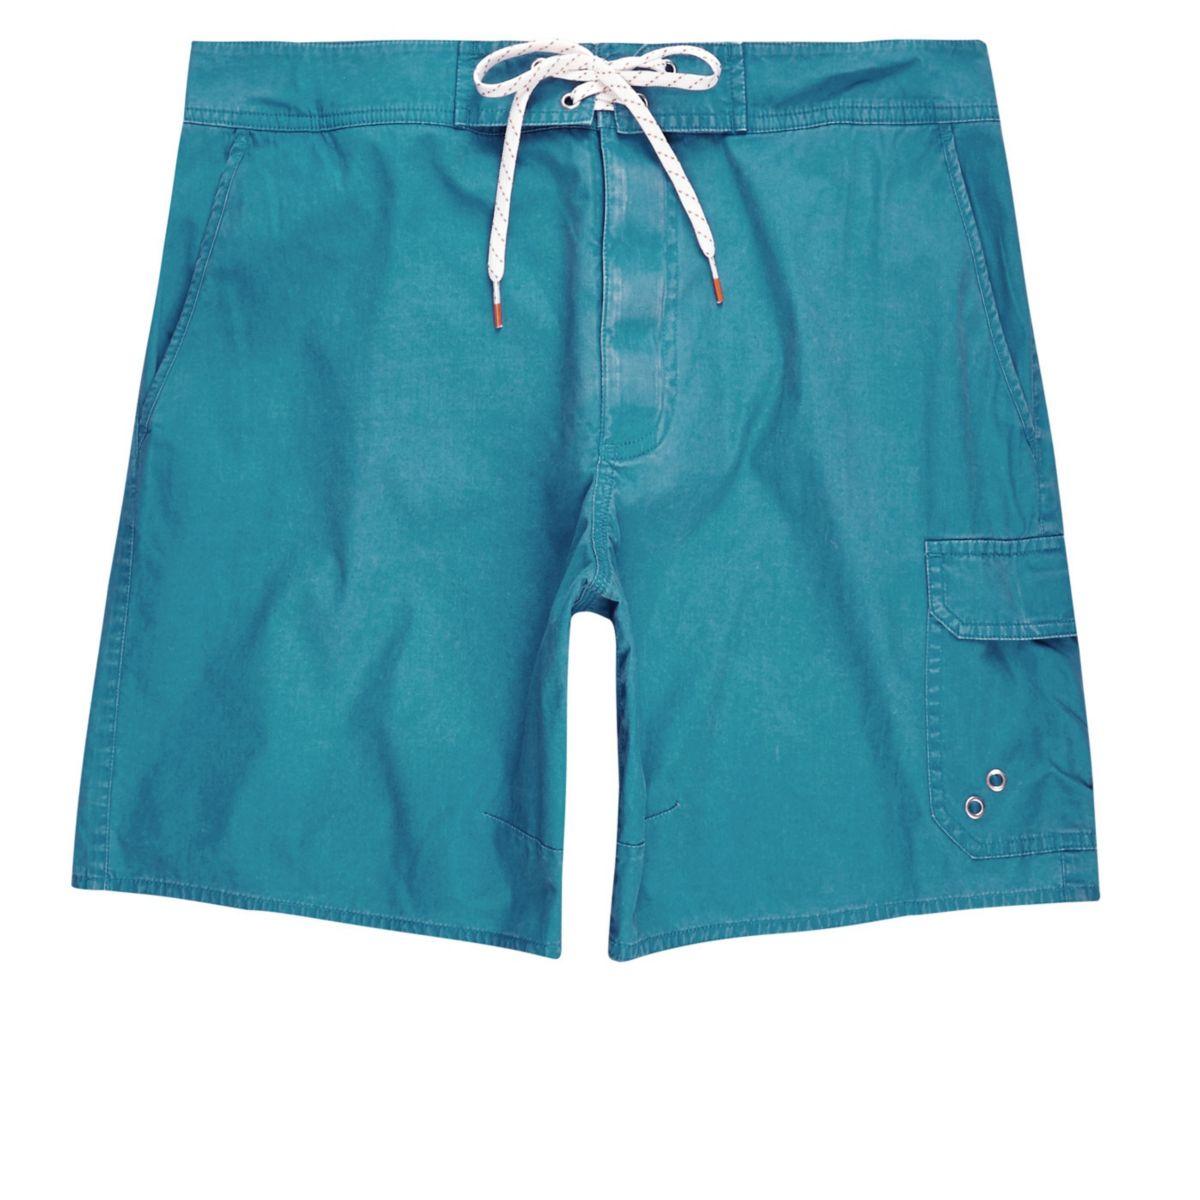 Blauwe acid wash zwemshort